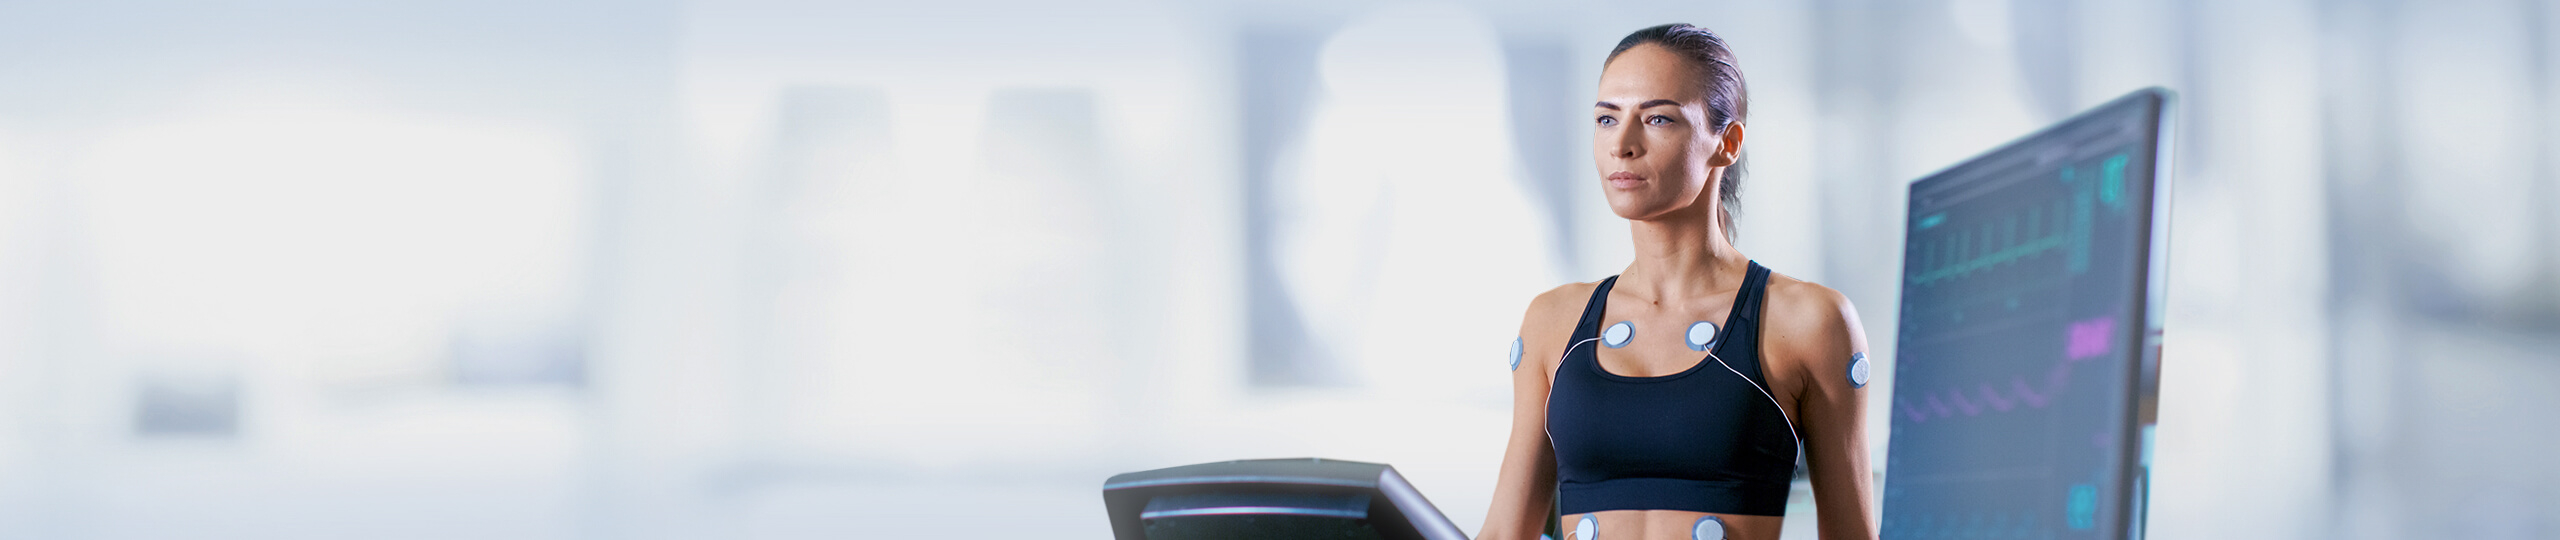 Junge Frau lässt eine sportmedizinische Untersuchung an sich durchführen